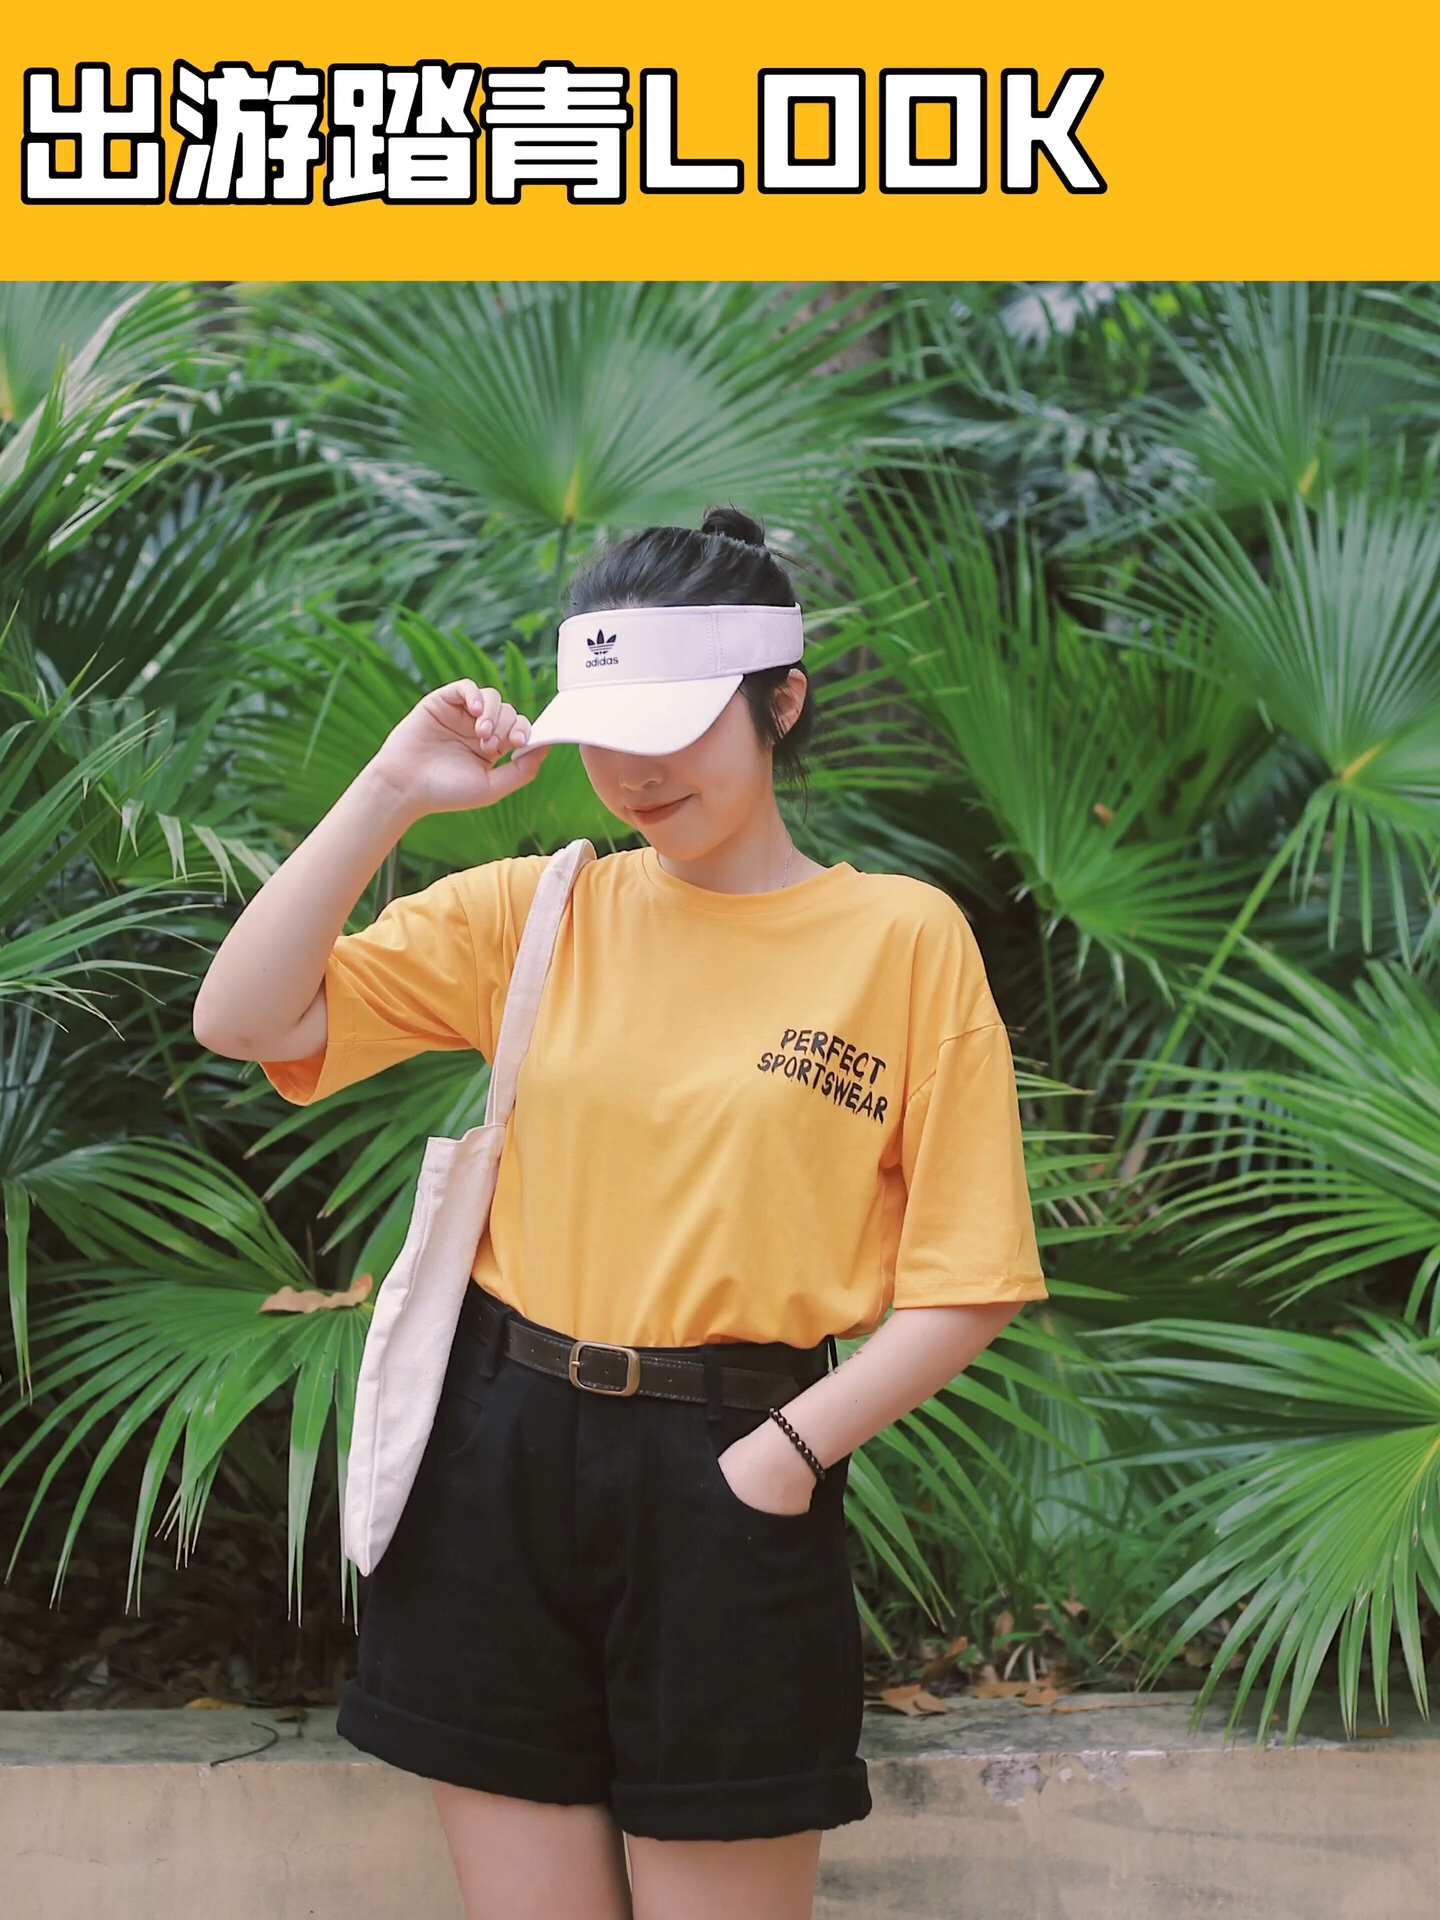 梨C日常穿搭 T恤控来啦~ 出门游玩T恤也是必不可少的! 亮黄色印花T+黑色牛仔裤 万年经典搭配! 加一个白色帽子 休闲风杠杠的! #五一小长假,出游穿搭看这里!#